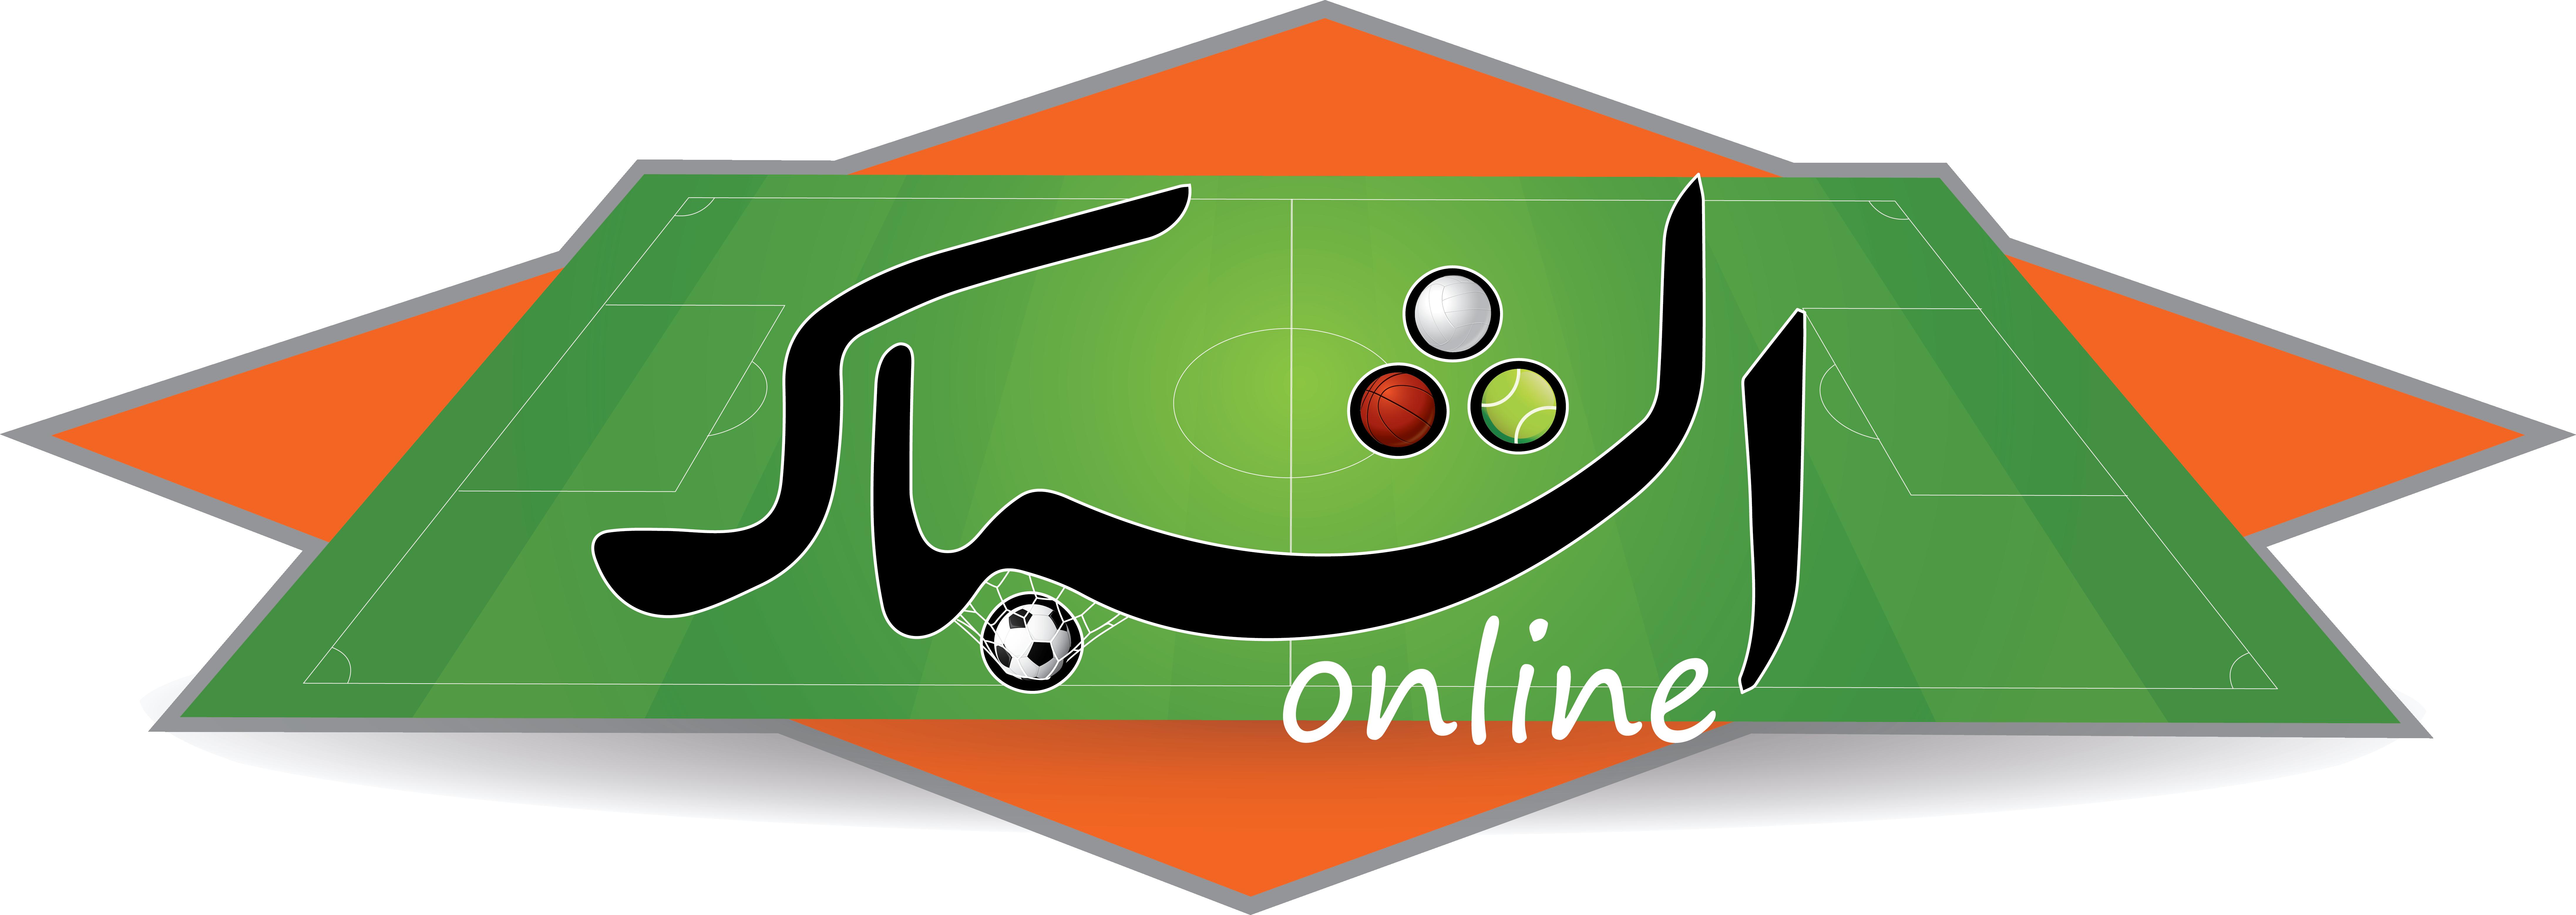 الشباك - جريدة رياضية جزائرية